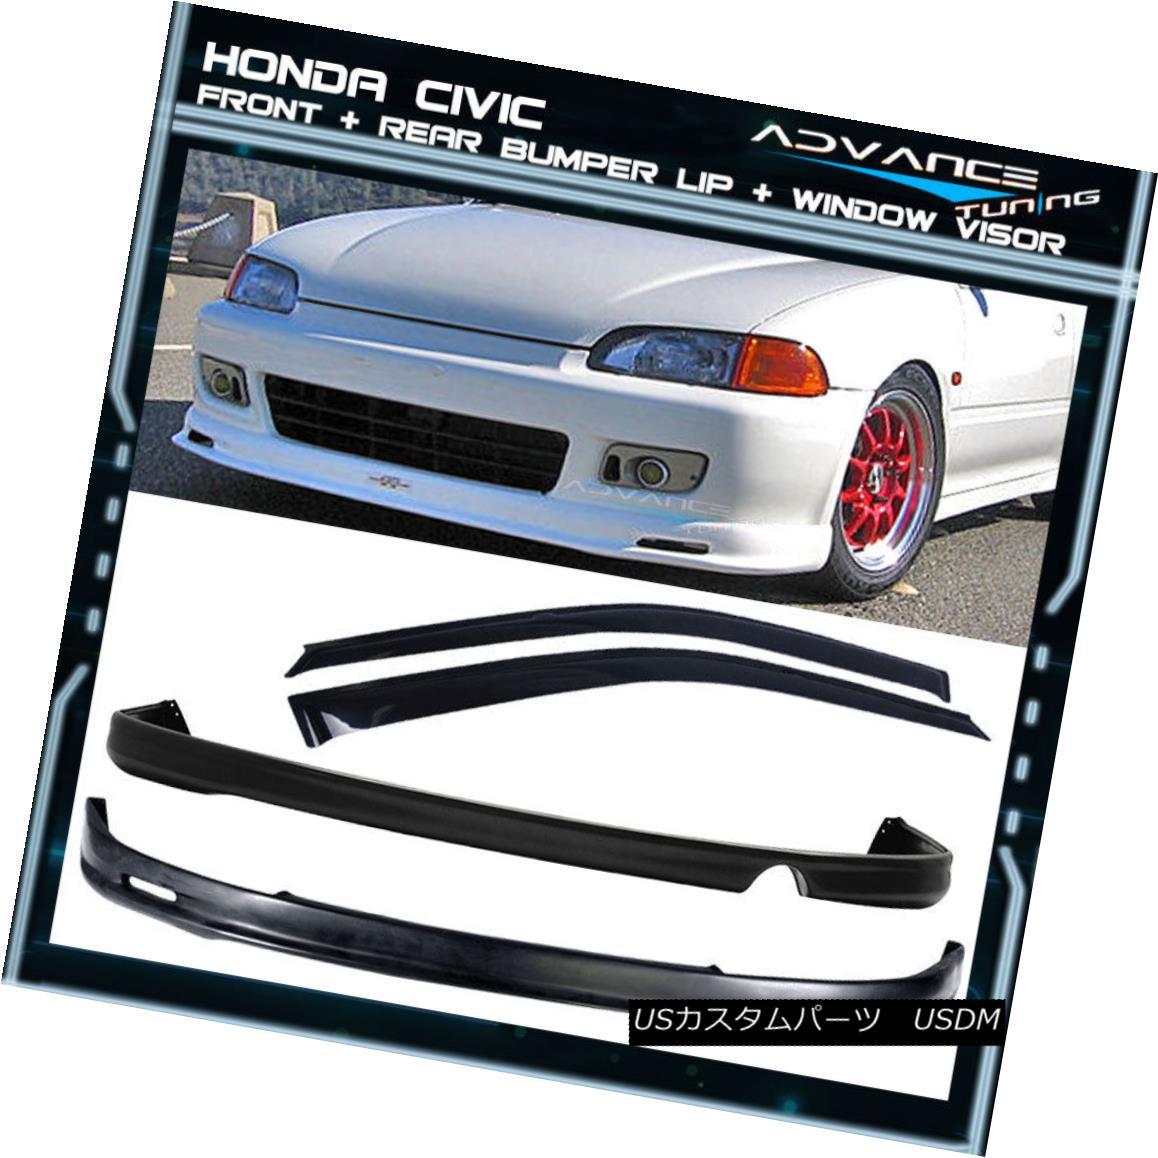 エアロパーツ For 92-95 Civic 2Dr Mugen Front + Rear Bumper Lip Spoiler + Sun Window Visor 92-95 Civic 2Dr Mugen Front +リアバンパーリップスポイラー+ Sun Window Visor